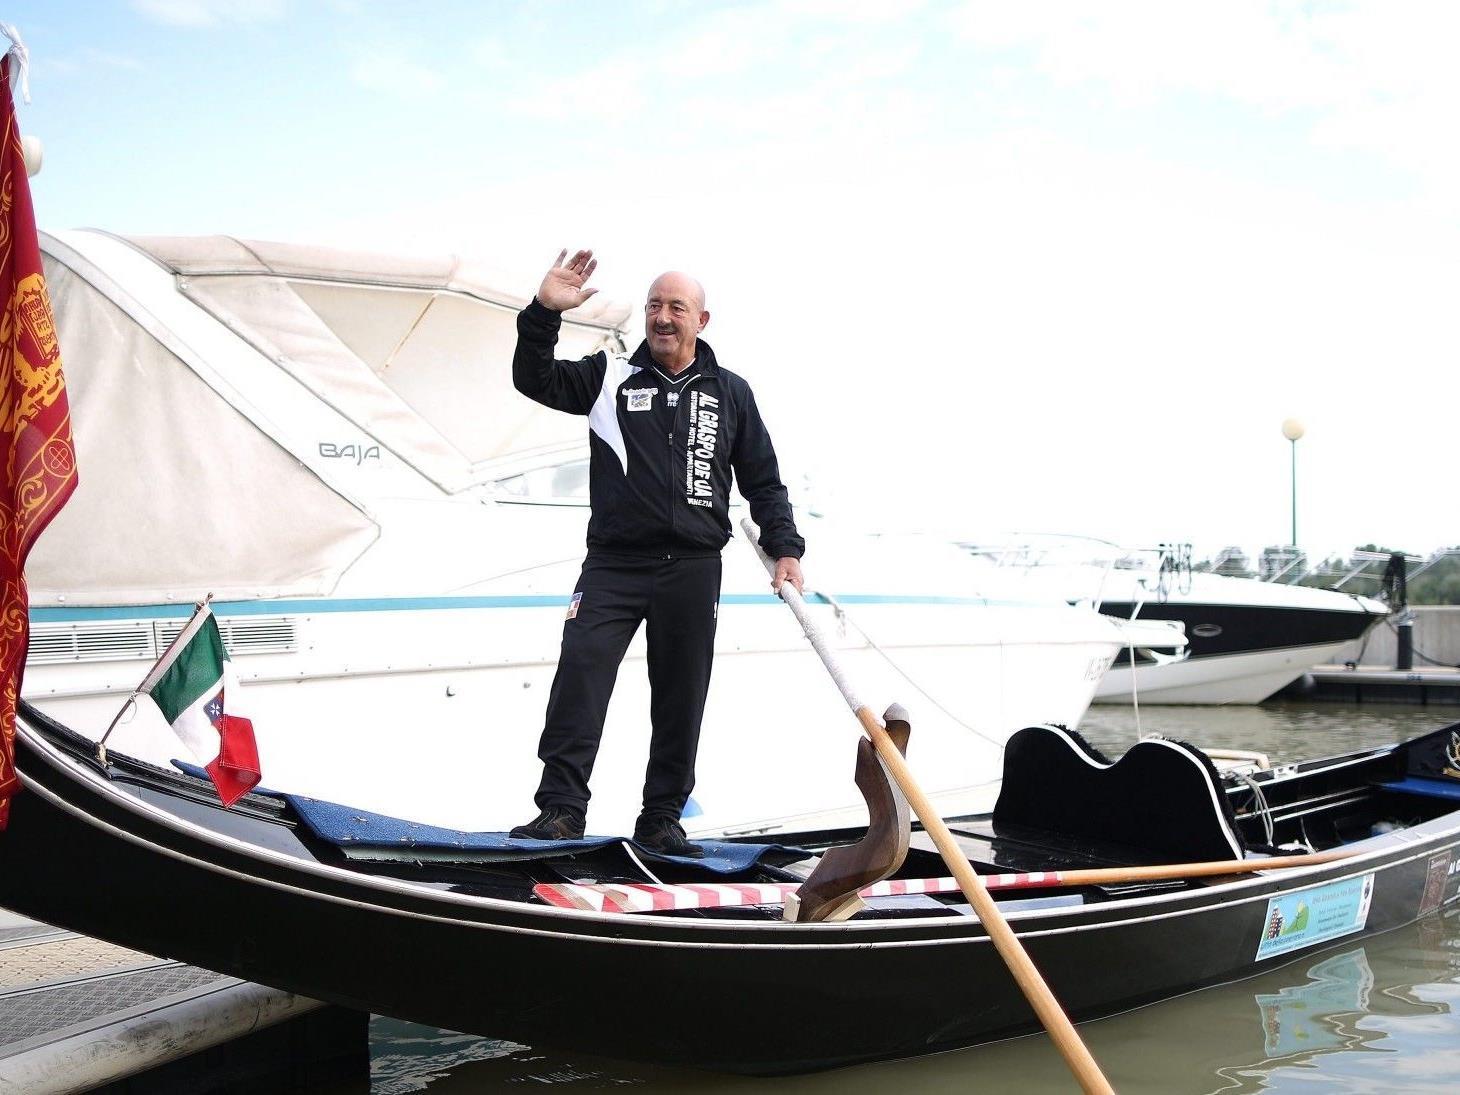 Der Gondoliere Vittorio Orio hat Ungarn bereits erreicht.